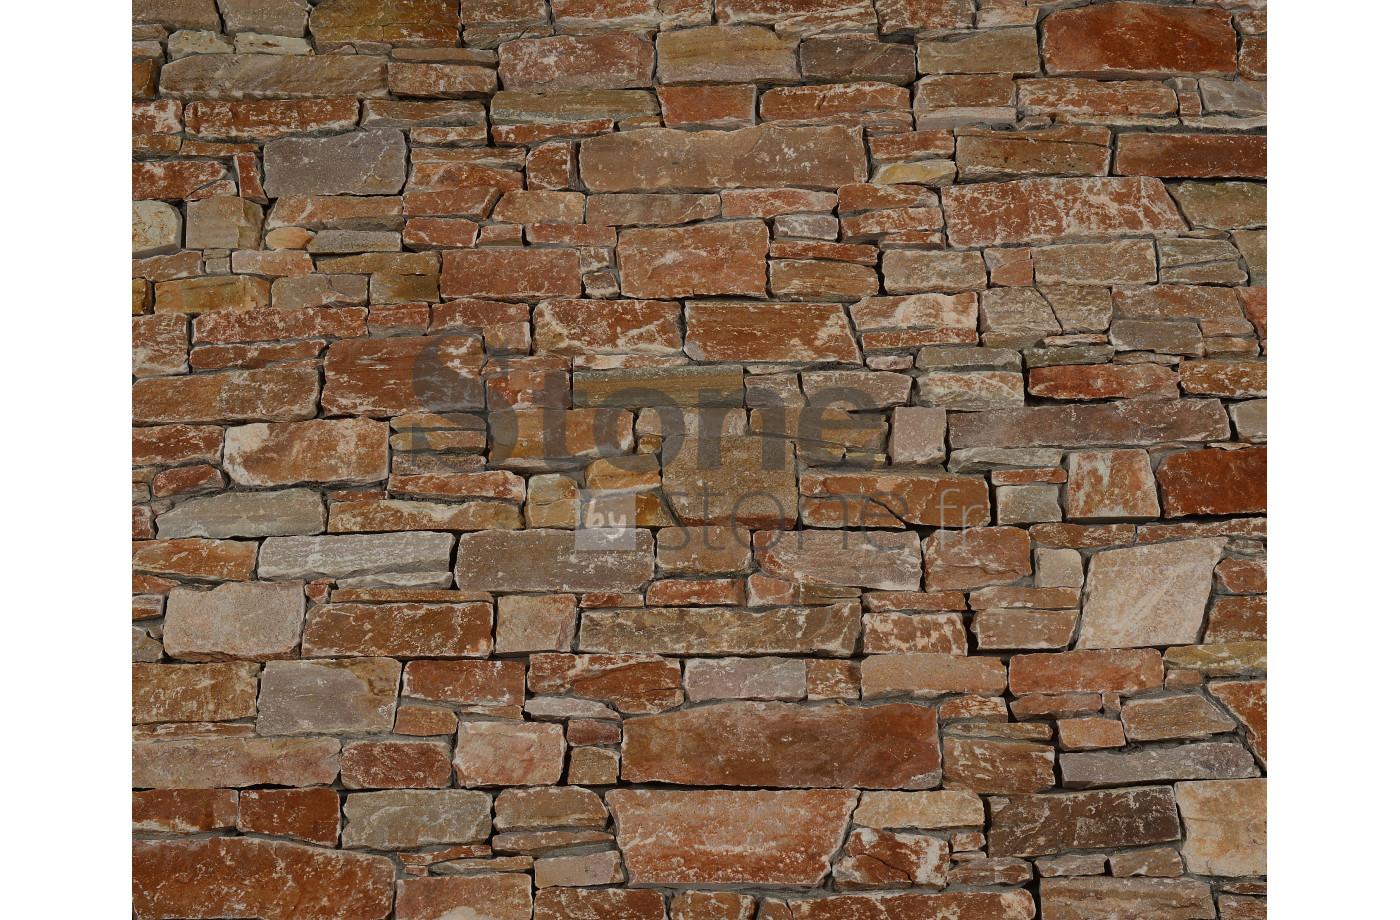 Easypanel orient pierres de parement pour rev tement mural - Pierres de parement mural ...